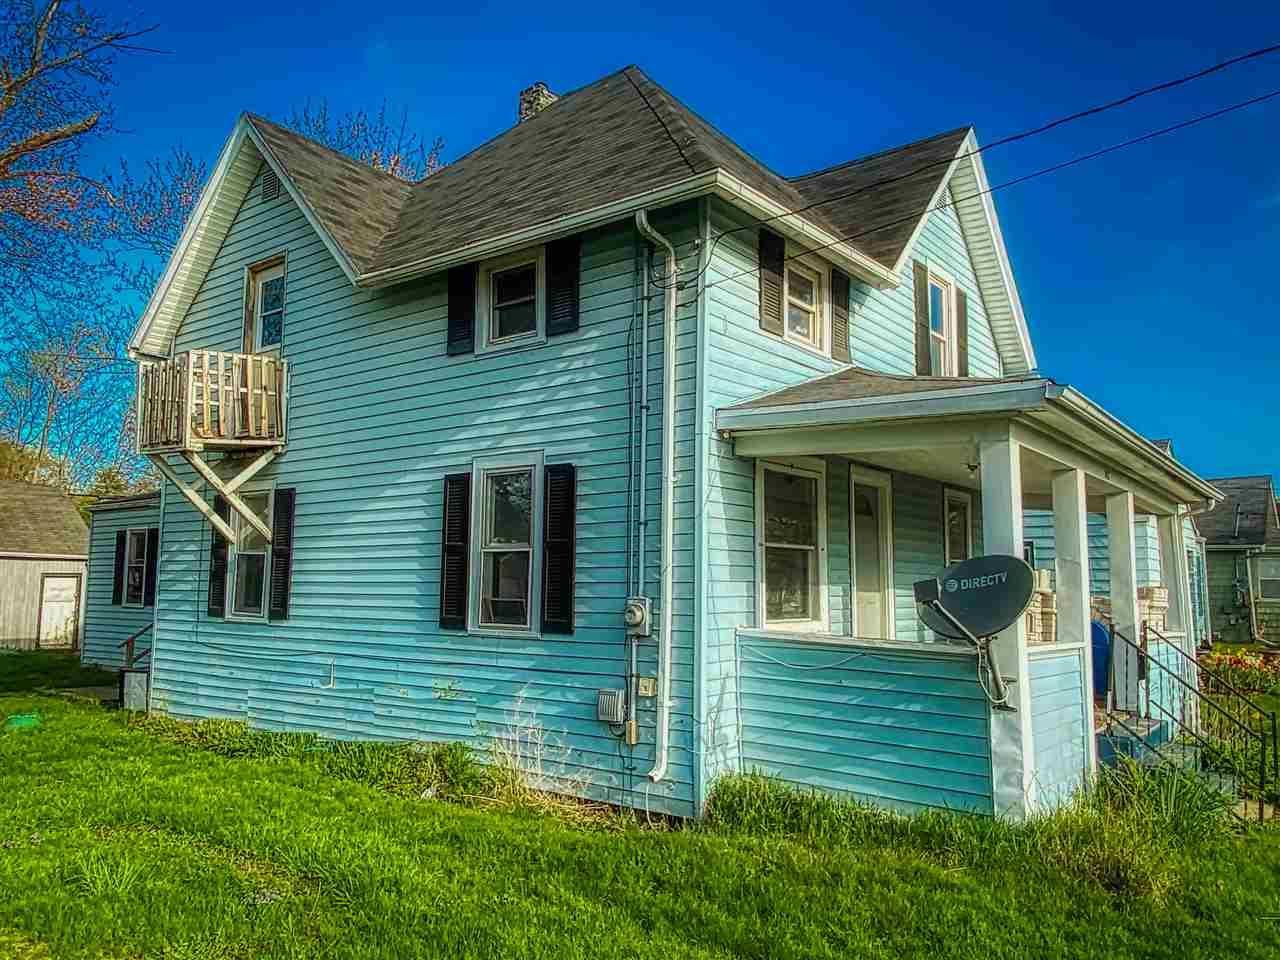 802 Grant St, Beloit, WI 53511 - #: 1907205